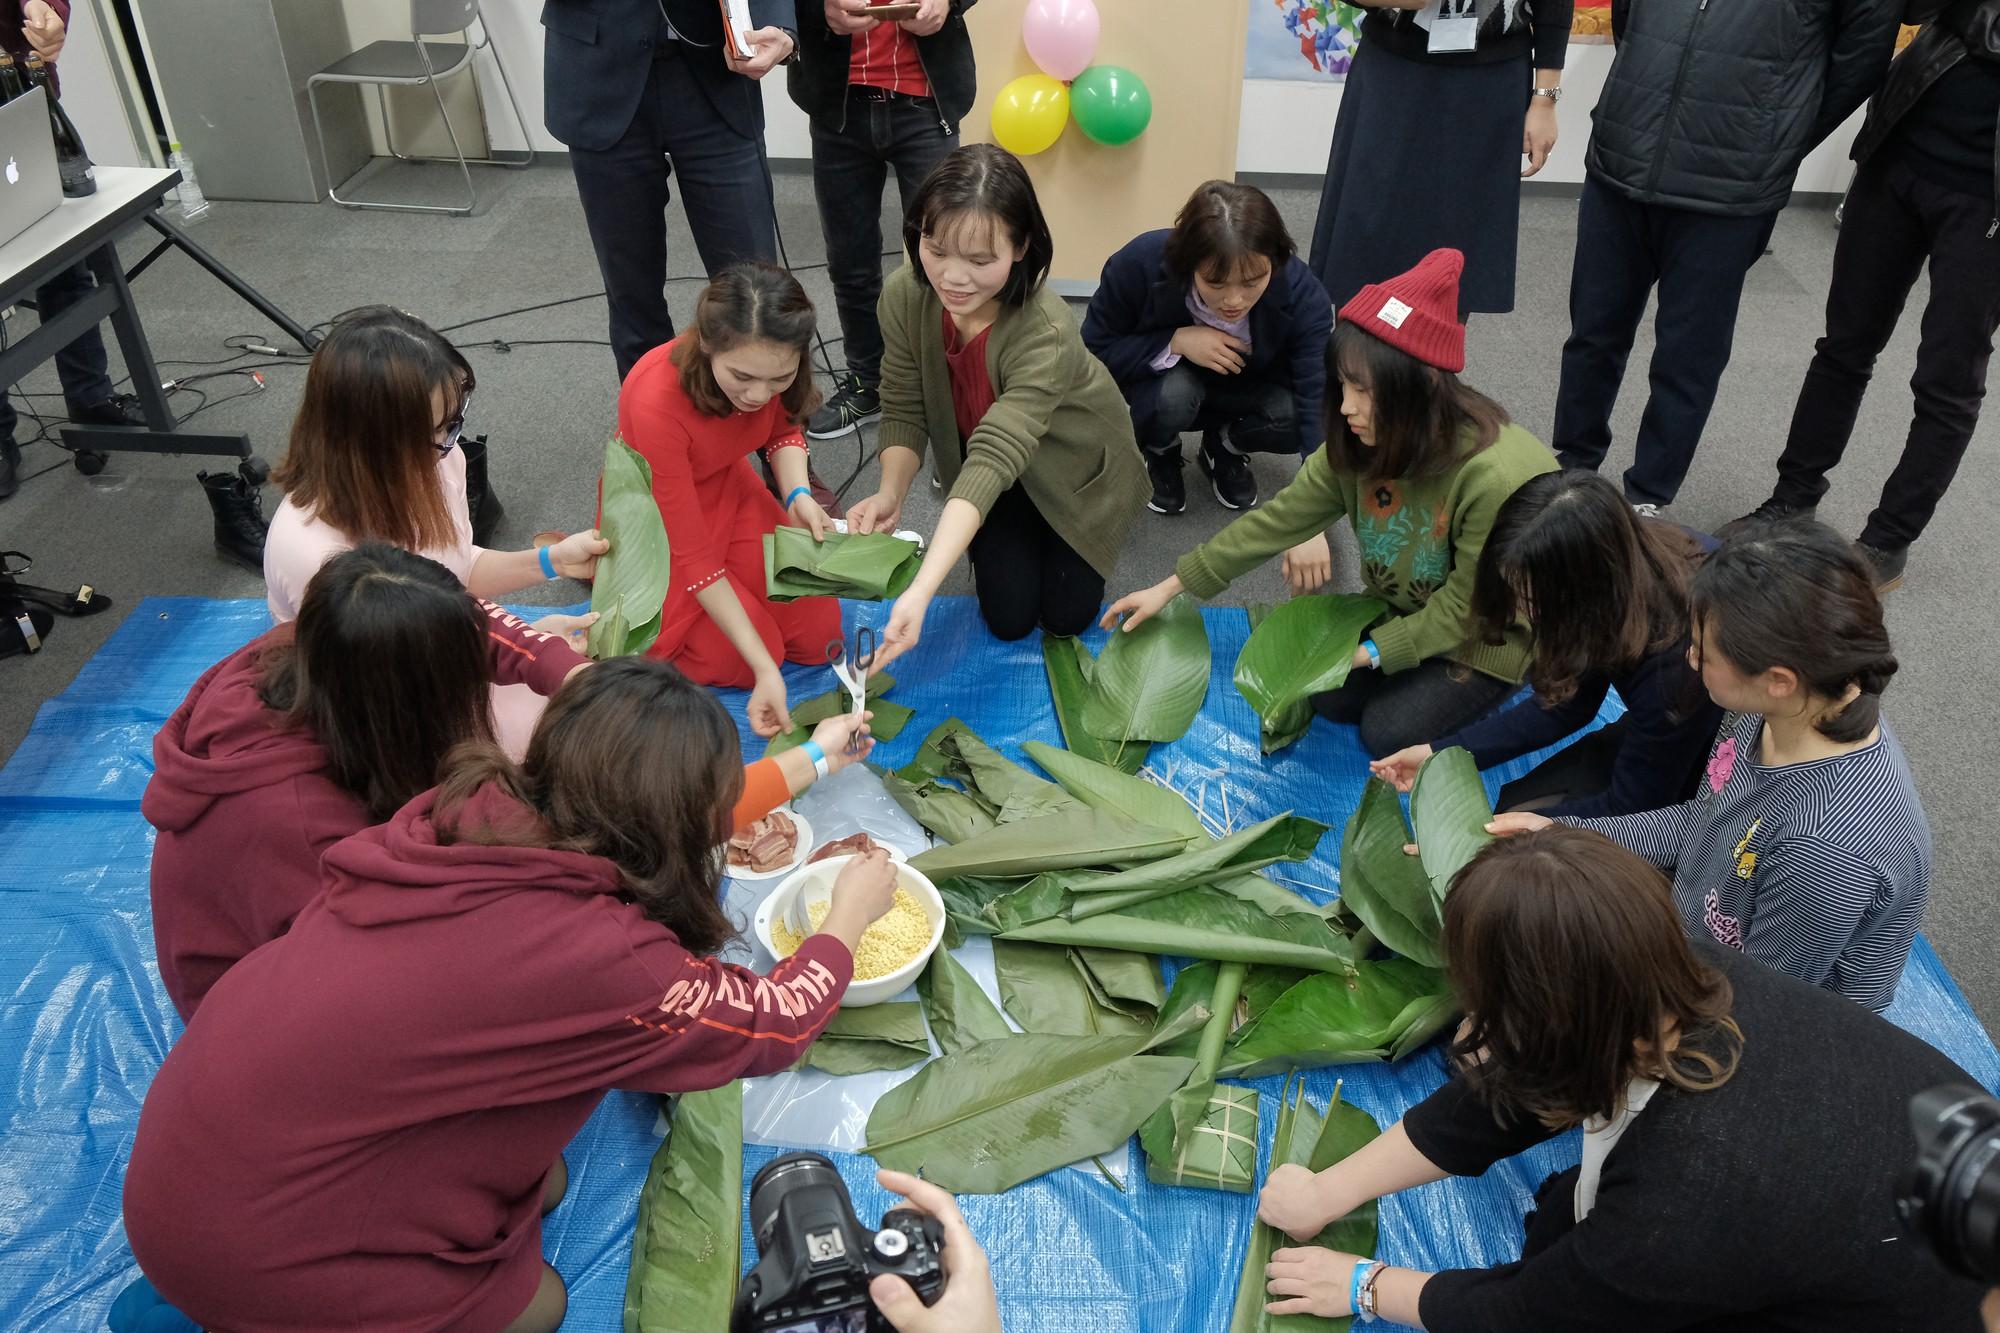 Ở nhà chưa thấy Tết đâu nhưng DHS Việt ở Nhật đã đón Tết rất hoành tráng rồi - Ảnh 6.